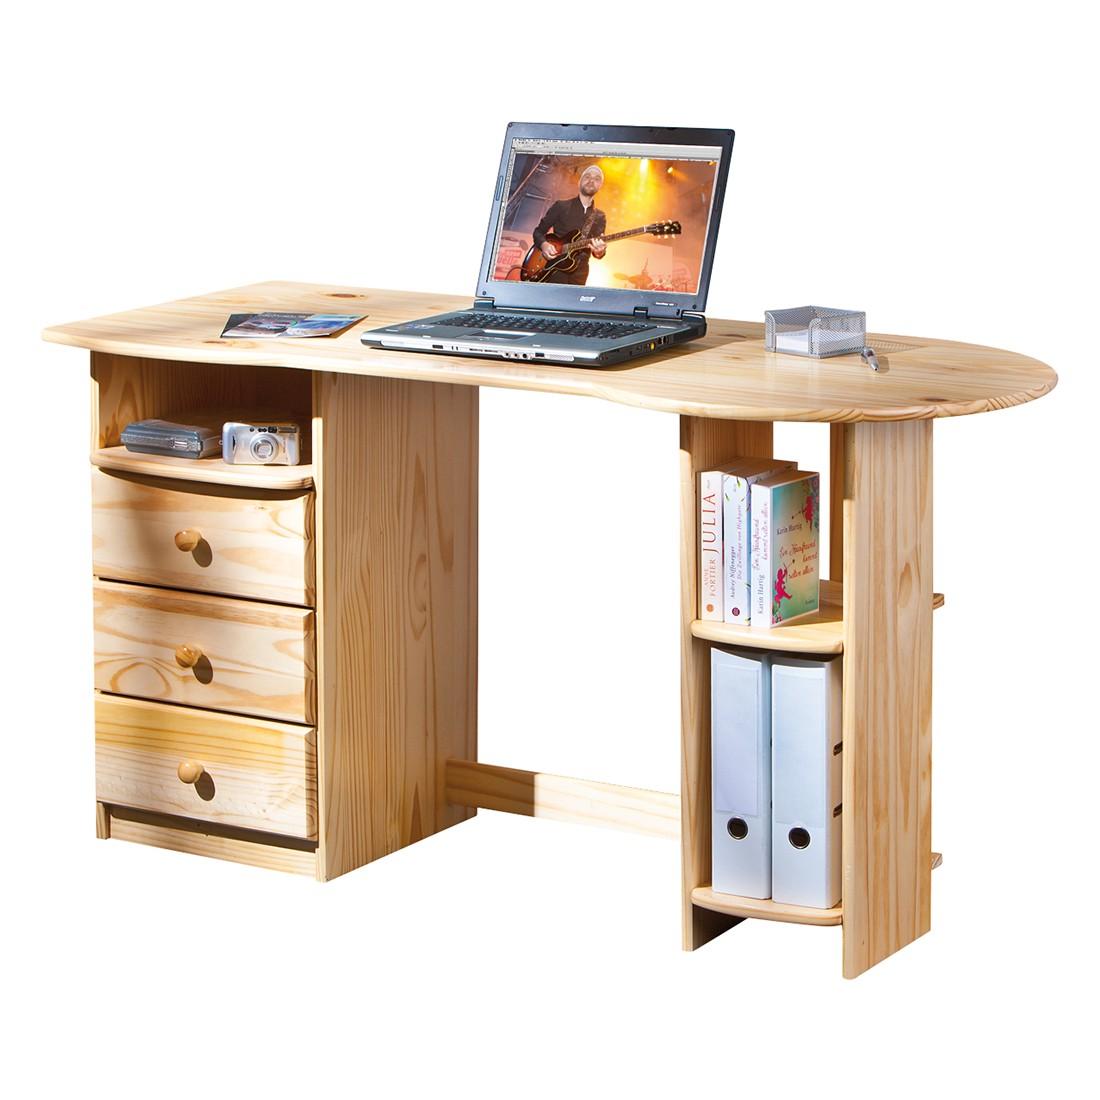 Computertisch Touchround - Massivholz, 3 Schubladen, Lars Larson